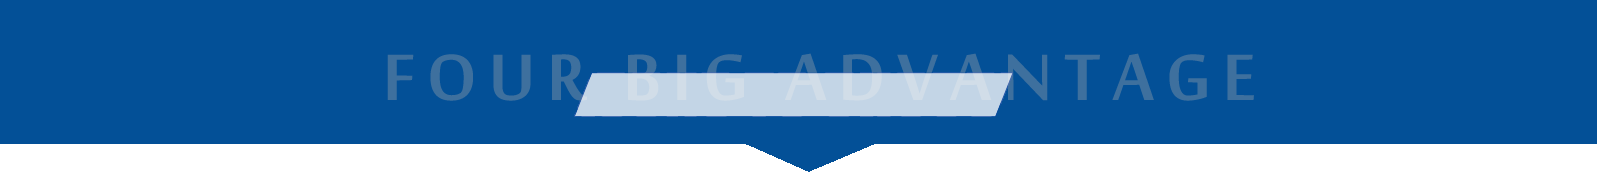 ABUIABAEGAAgl9-XygUo3ePBHDDADDisAQ